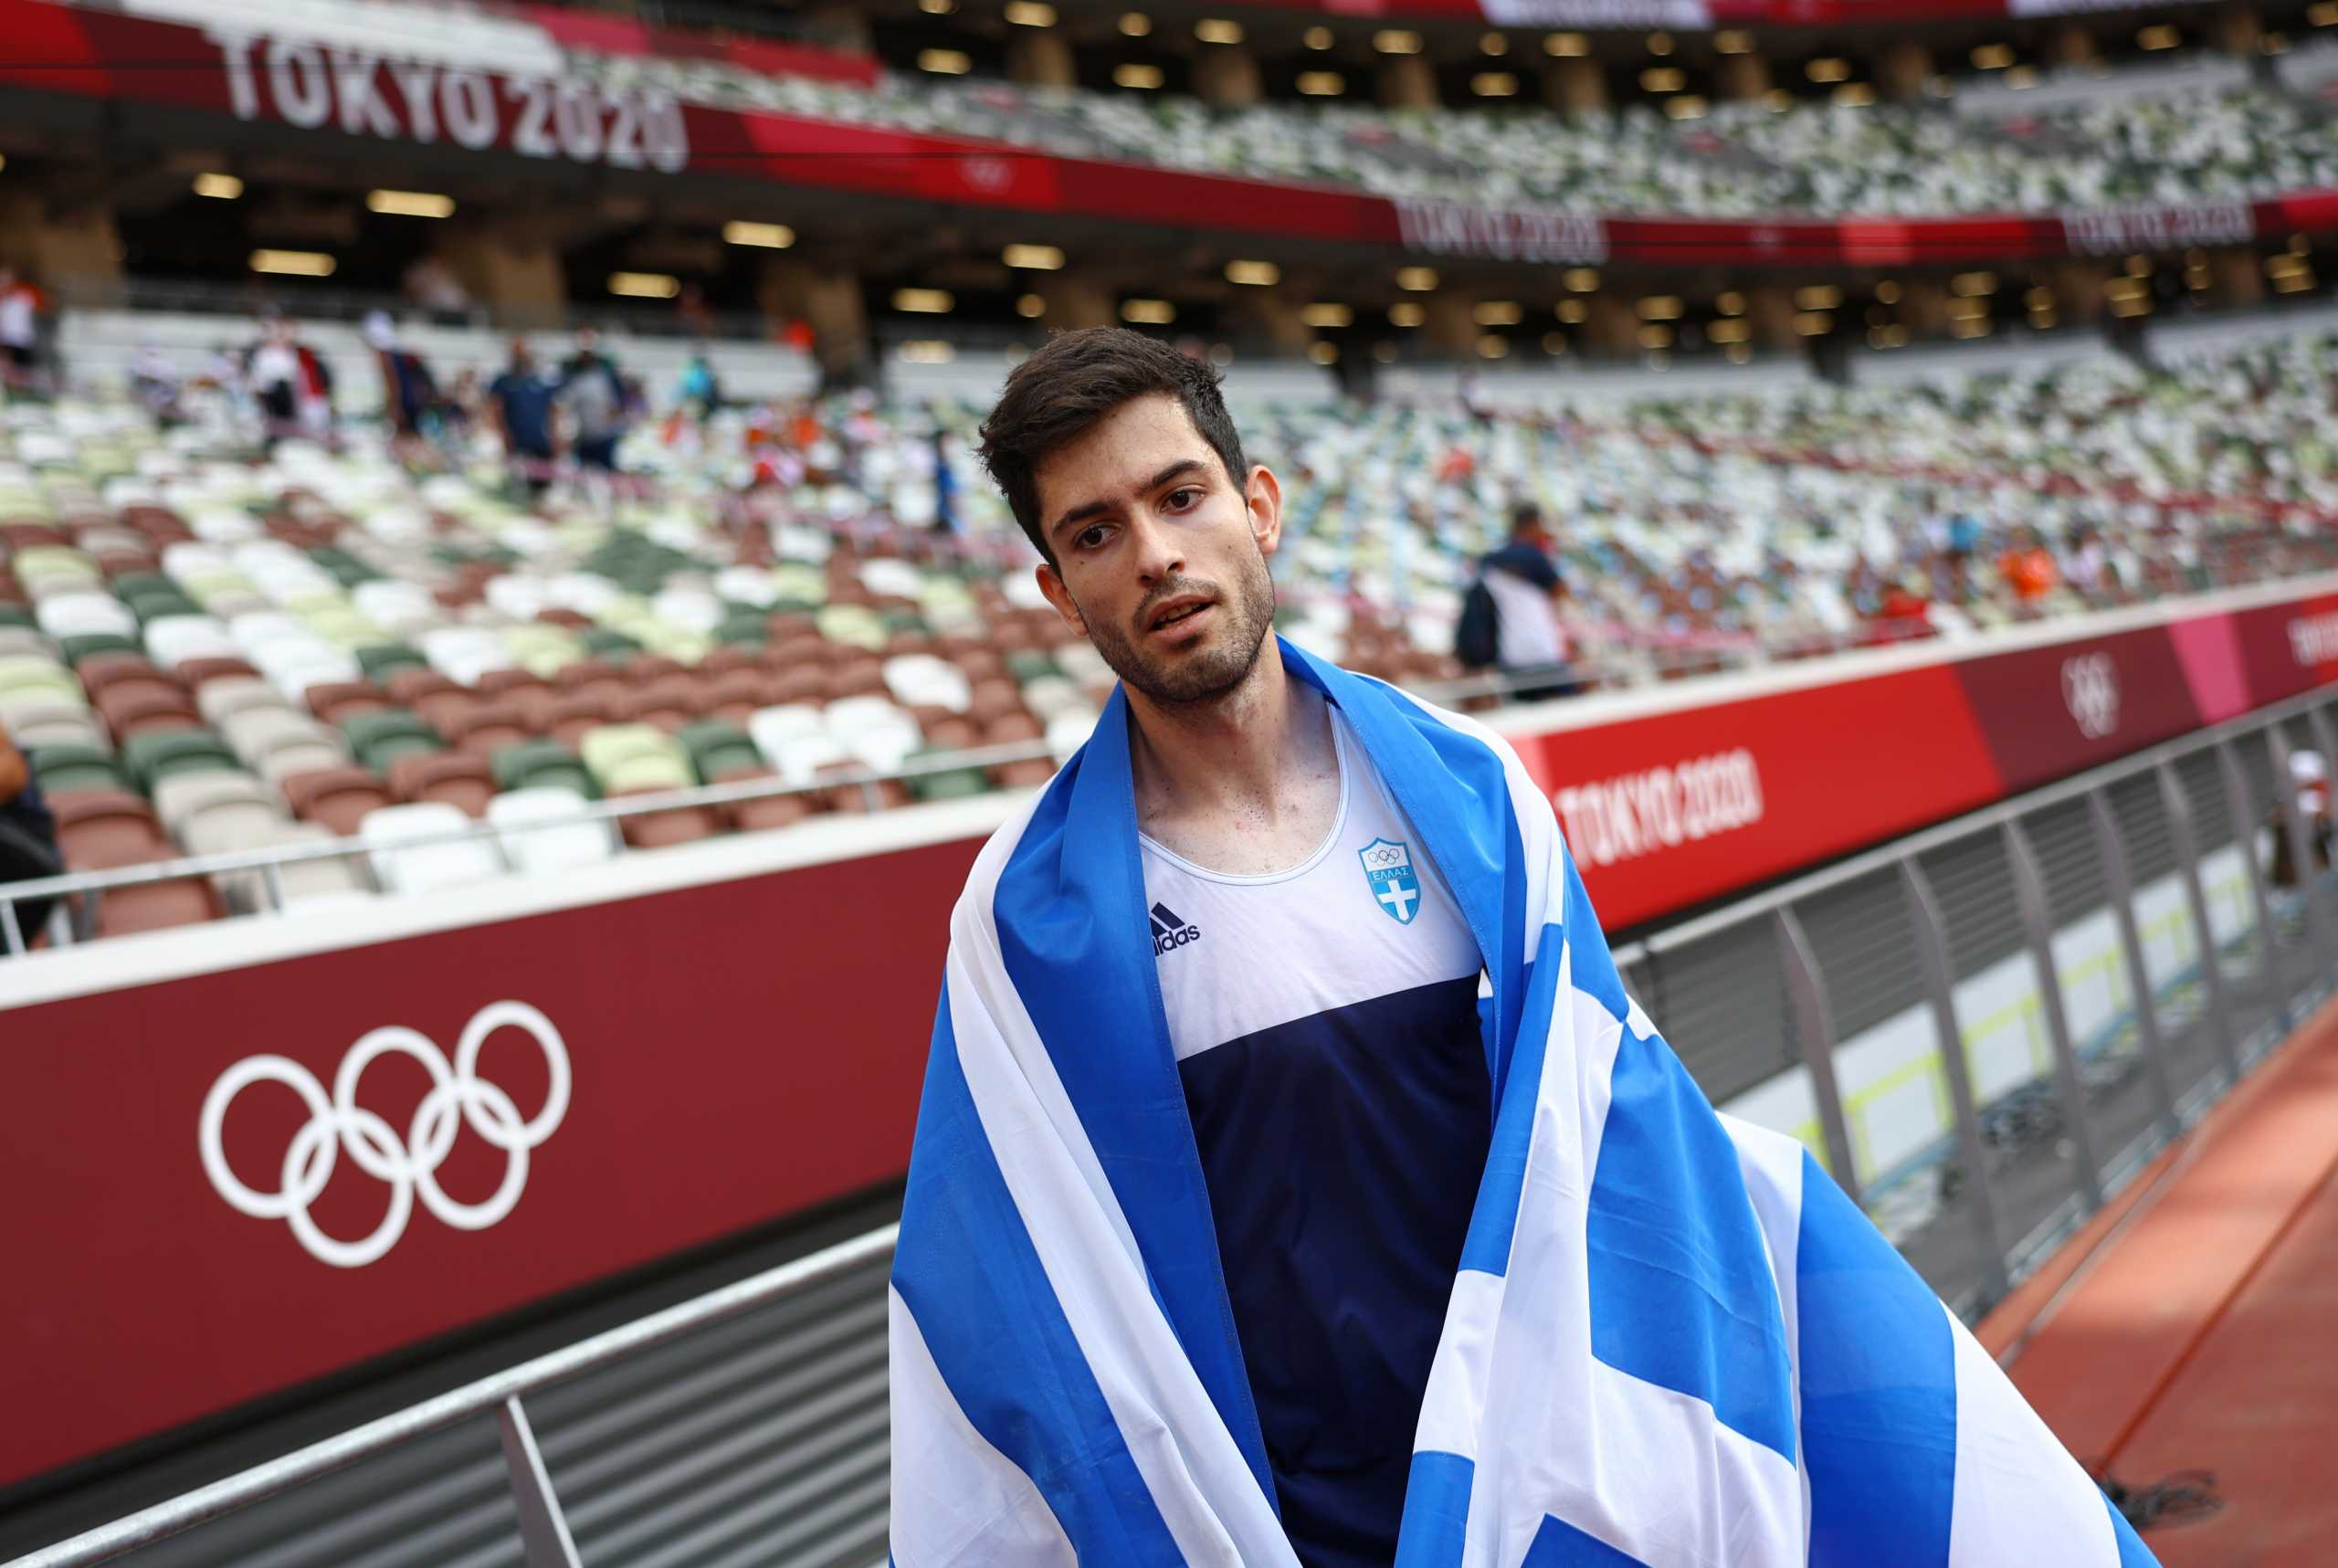 Ο Μίλτος Τεντόγλου χρυσός Ολυμπιονίκης στο μήκος, έγραψε ιστορία στους Ολυμπιακούς Αγώνες του Τόκιο